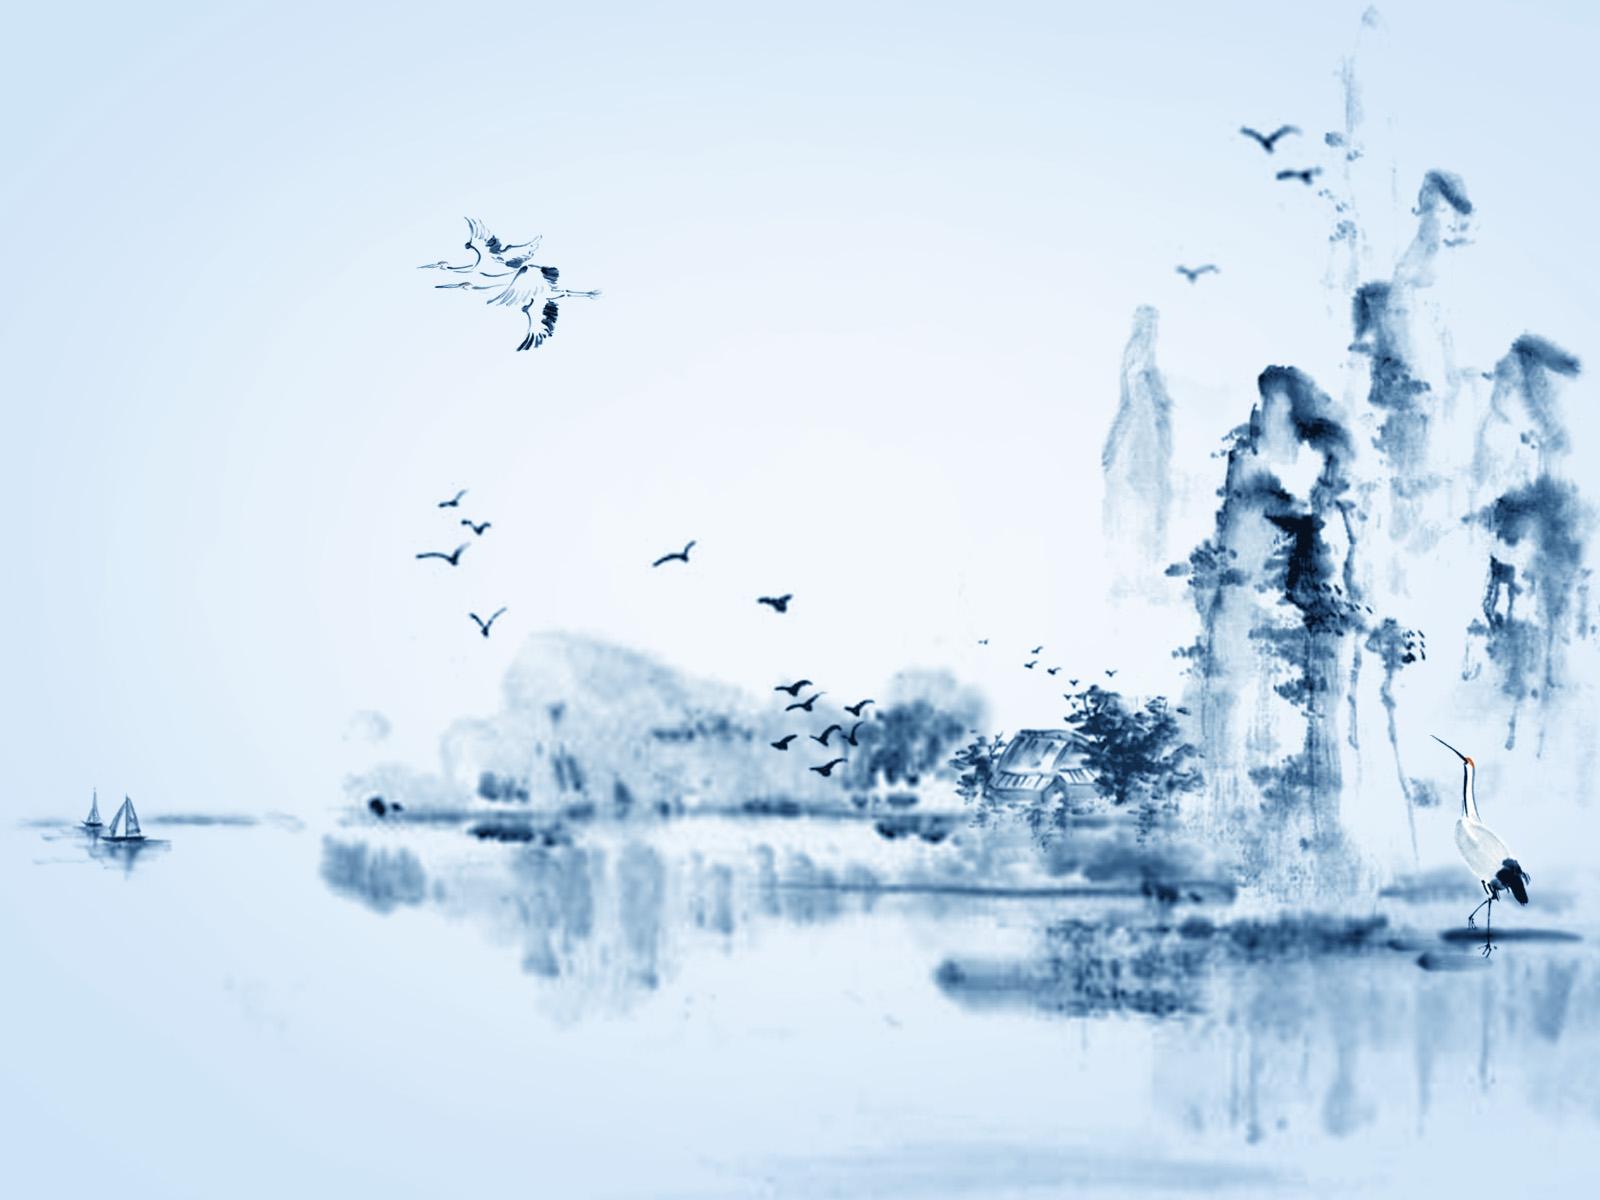 山水画qq头像_来个中国风的QQ头像,最好是水墨画~_百度知道